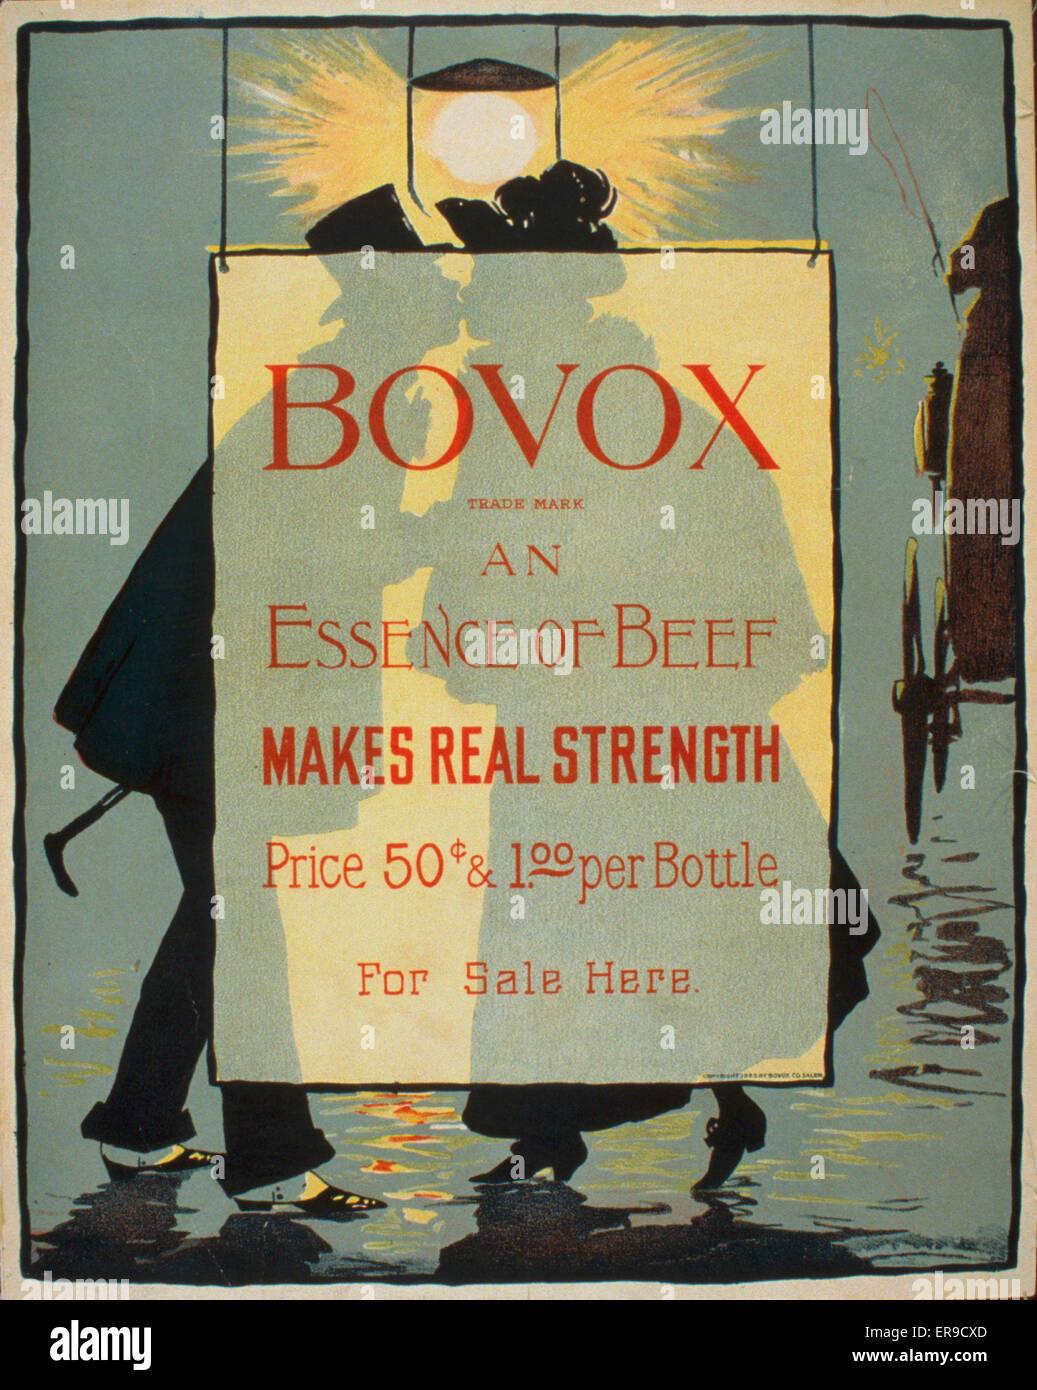 Marchio Bovox - un essenza di carni bovine rende la vera forza. Poster pubblicitario che mostra un paio di baciare Immagini Stock